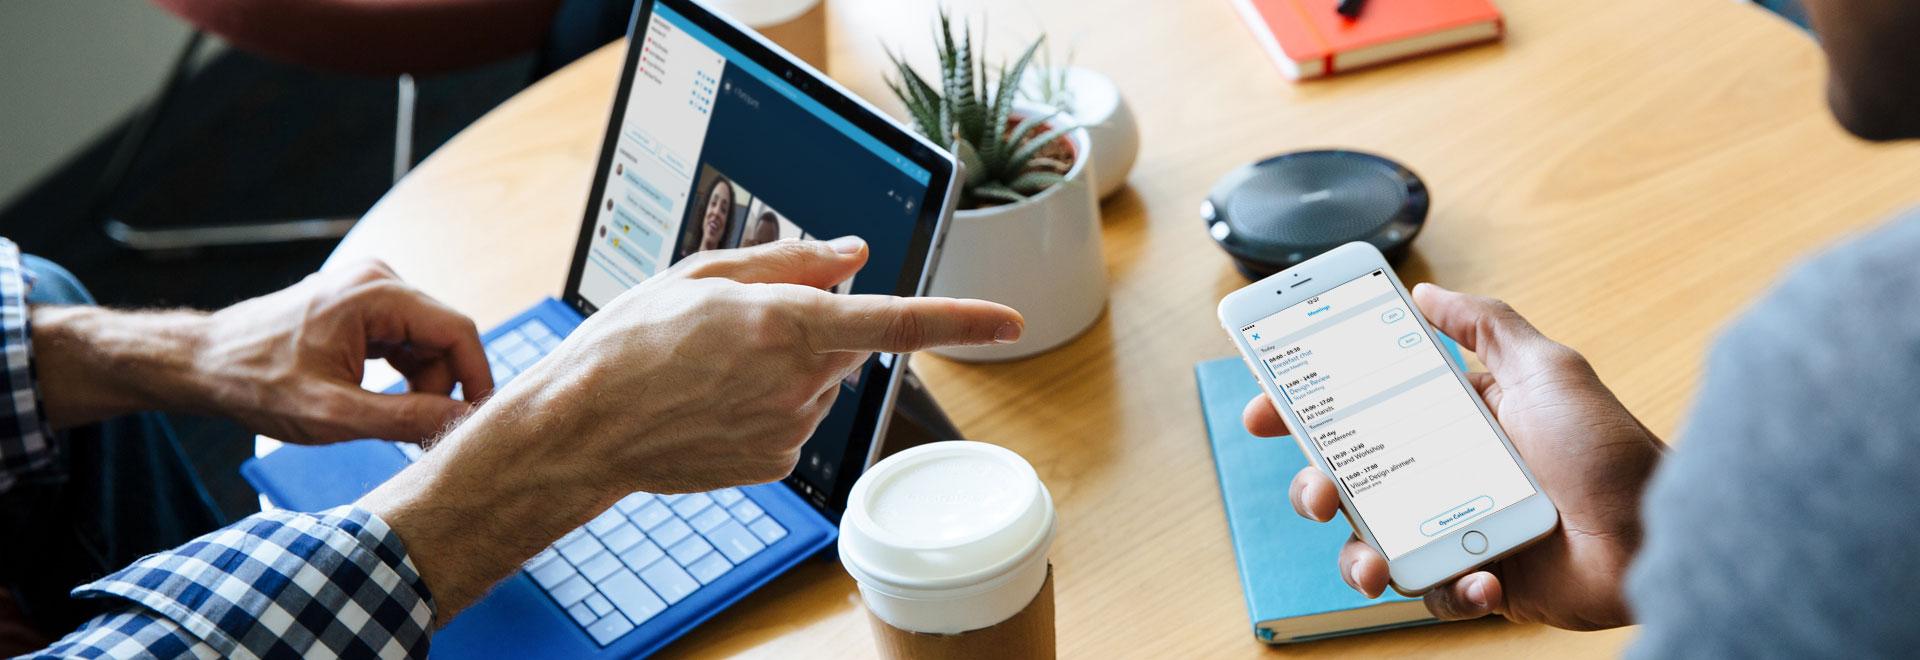 Due persone a una scrivania, una con un telefono e l'altra con un laptop, che usano Skype for Business